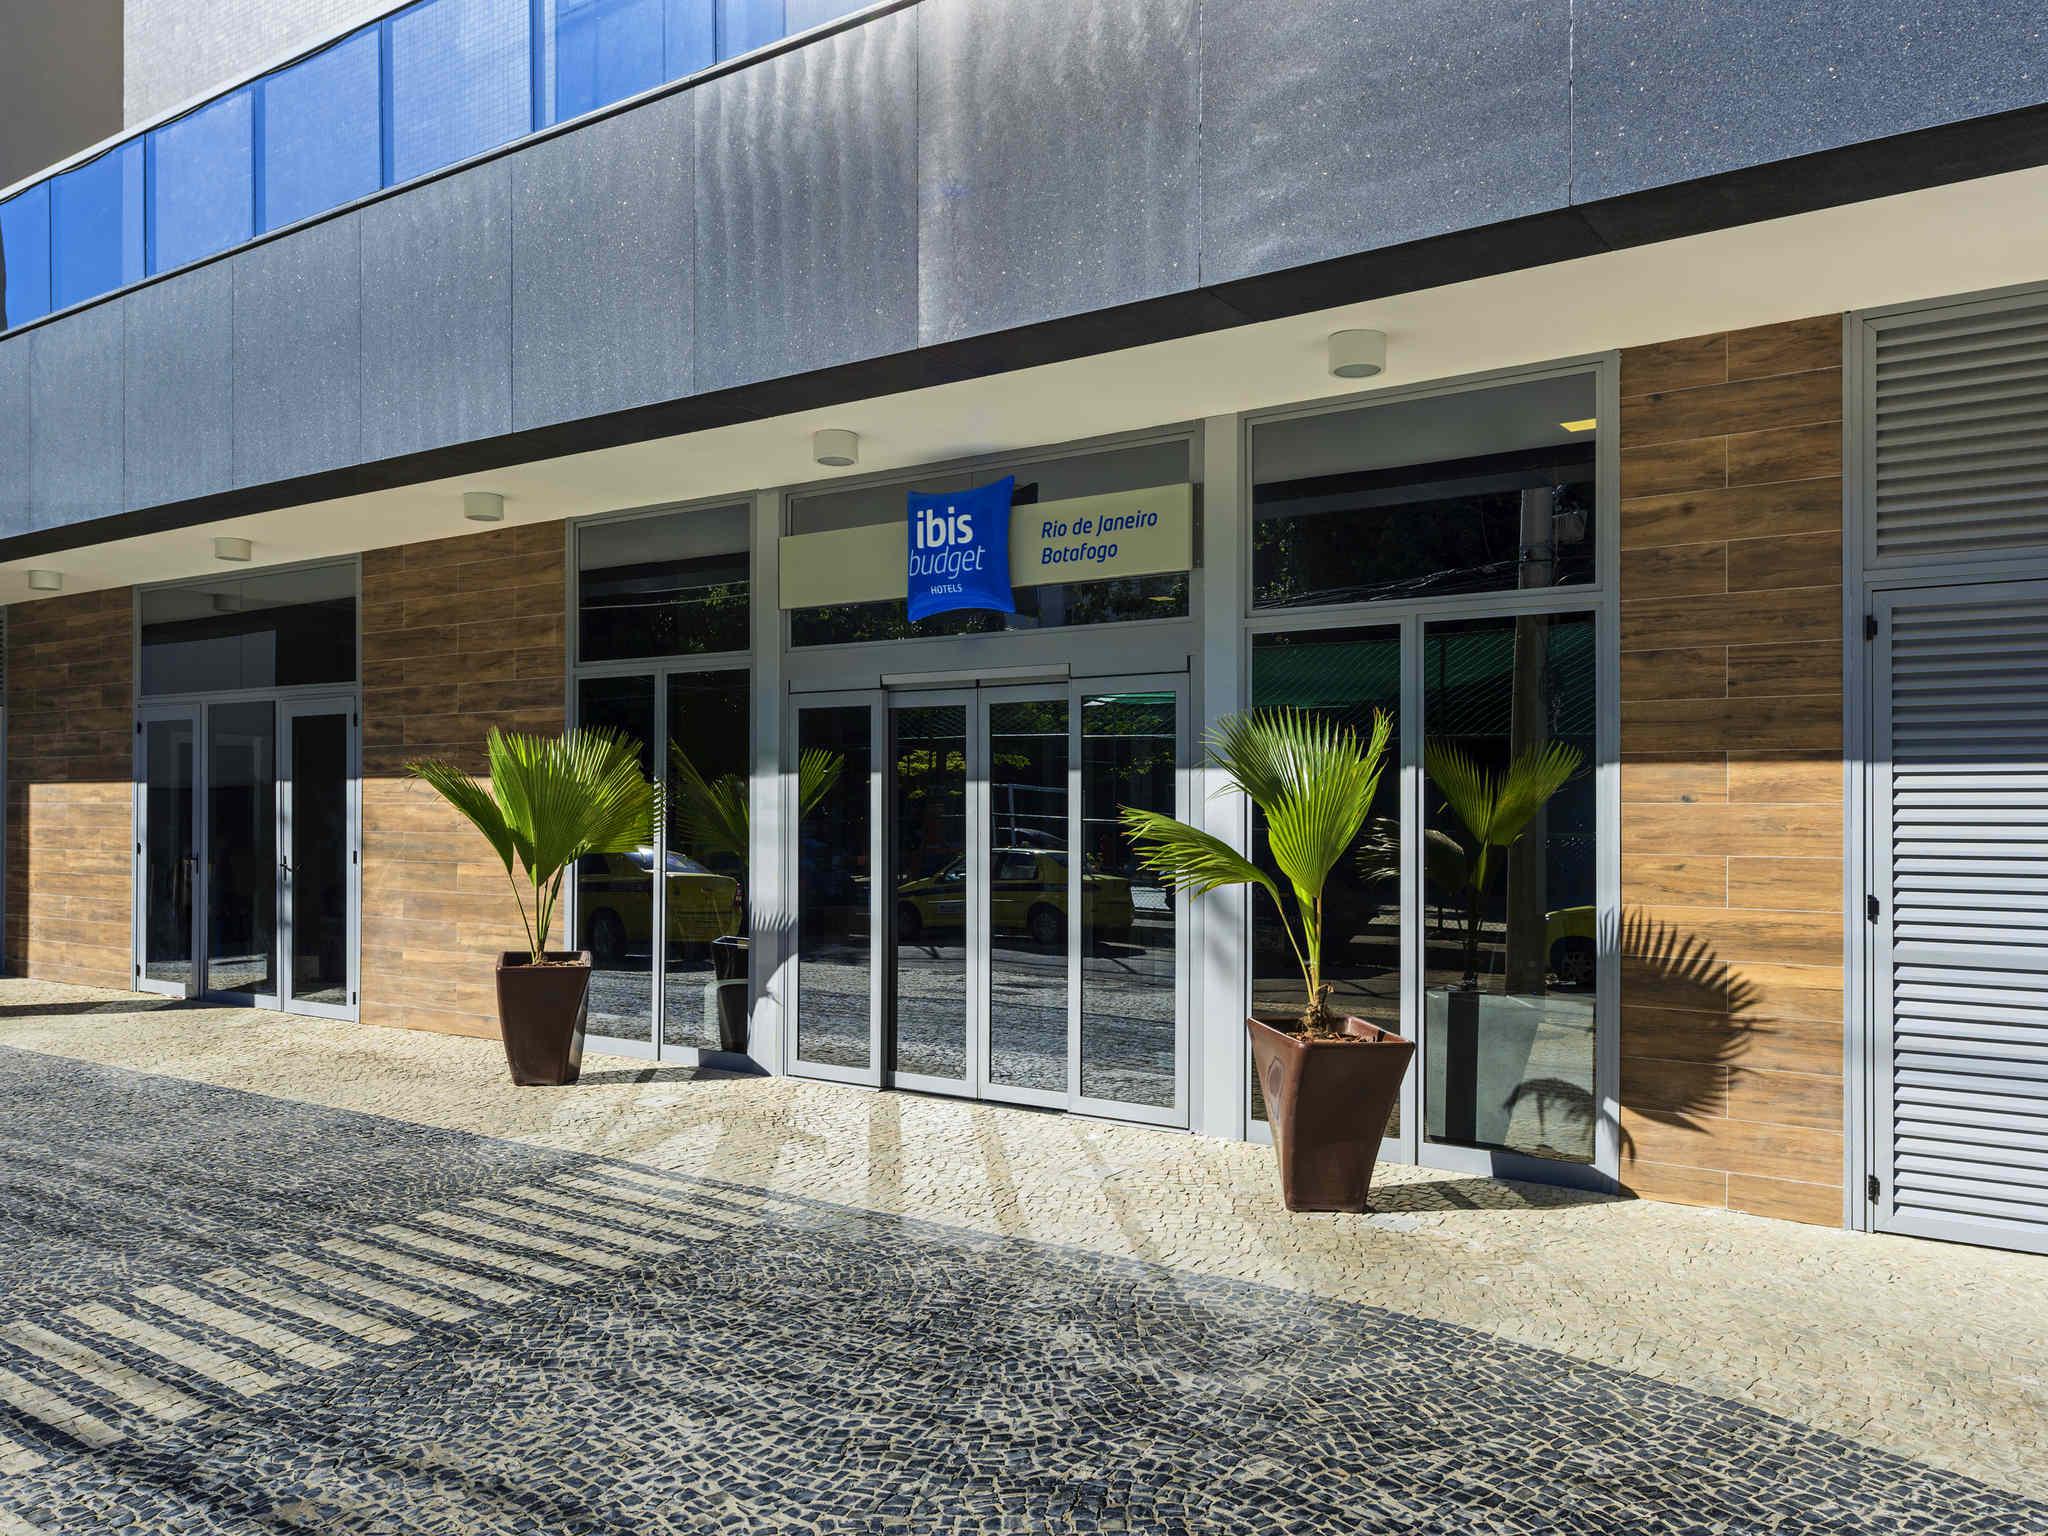 Otel – ibis budget RJ Praia de Botafogo